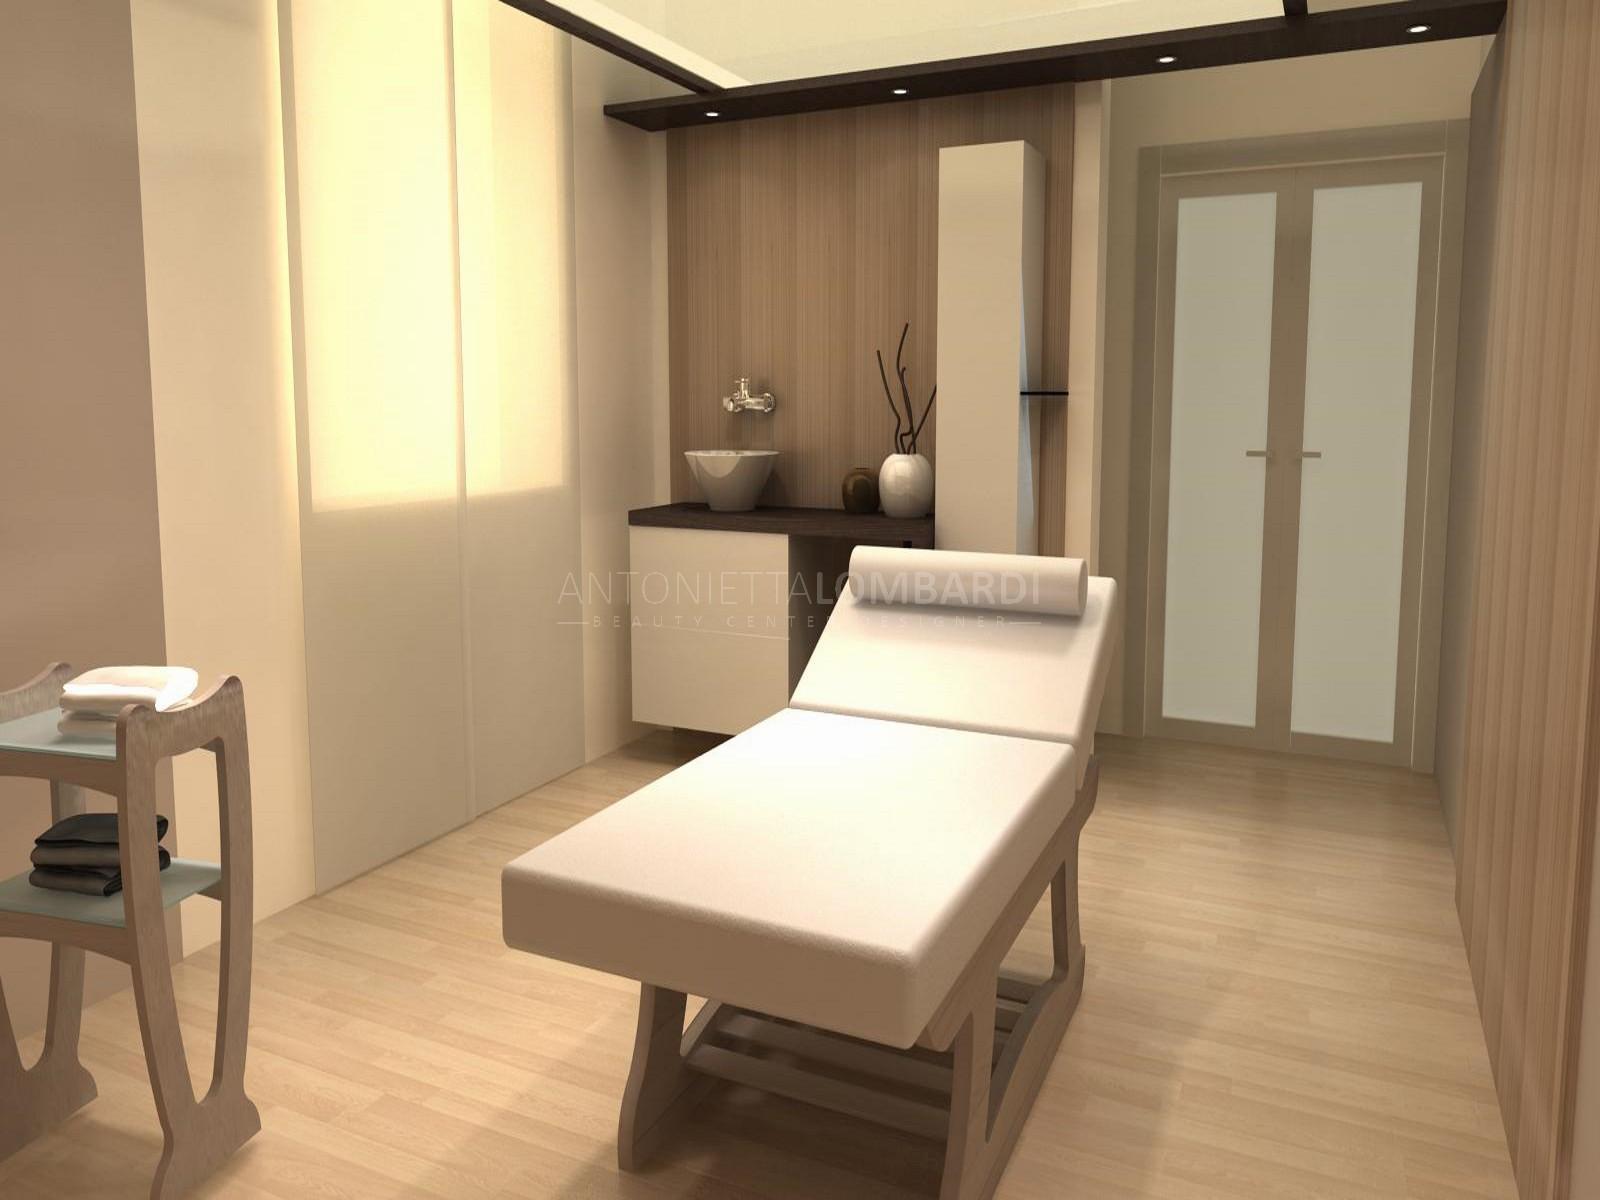 Arredamentiperestetica cabina estetica realizzazione roma for Arredamento centri estetici